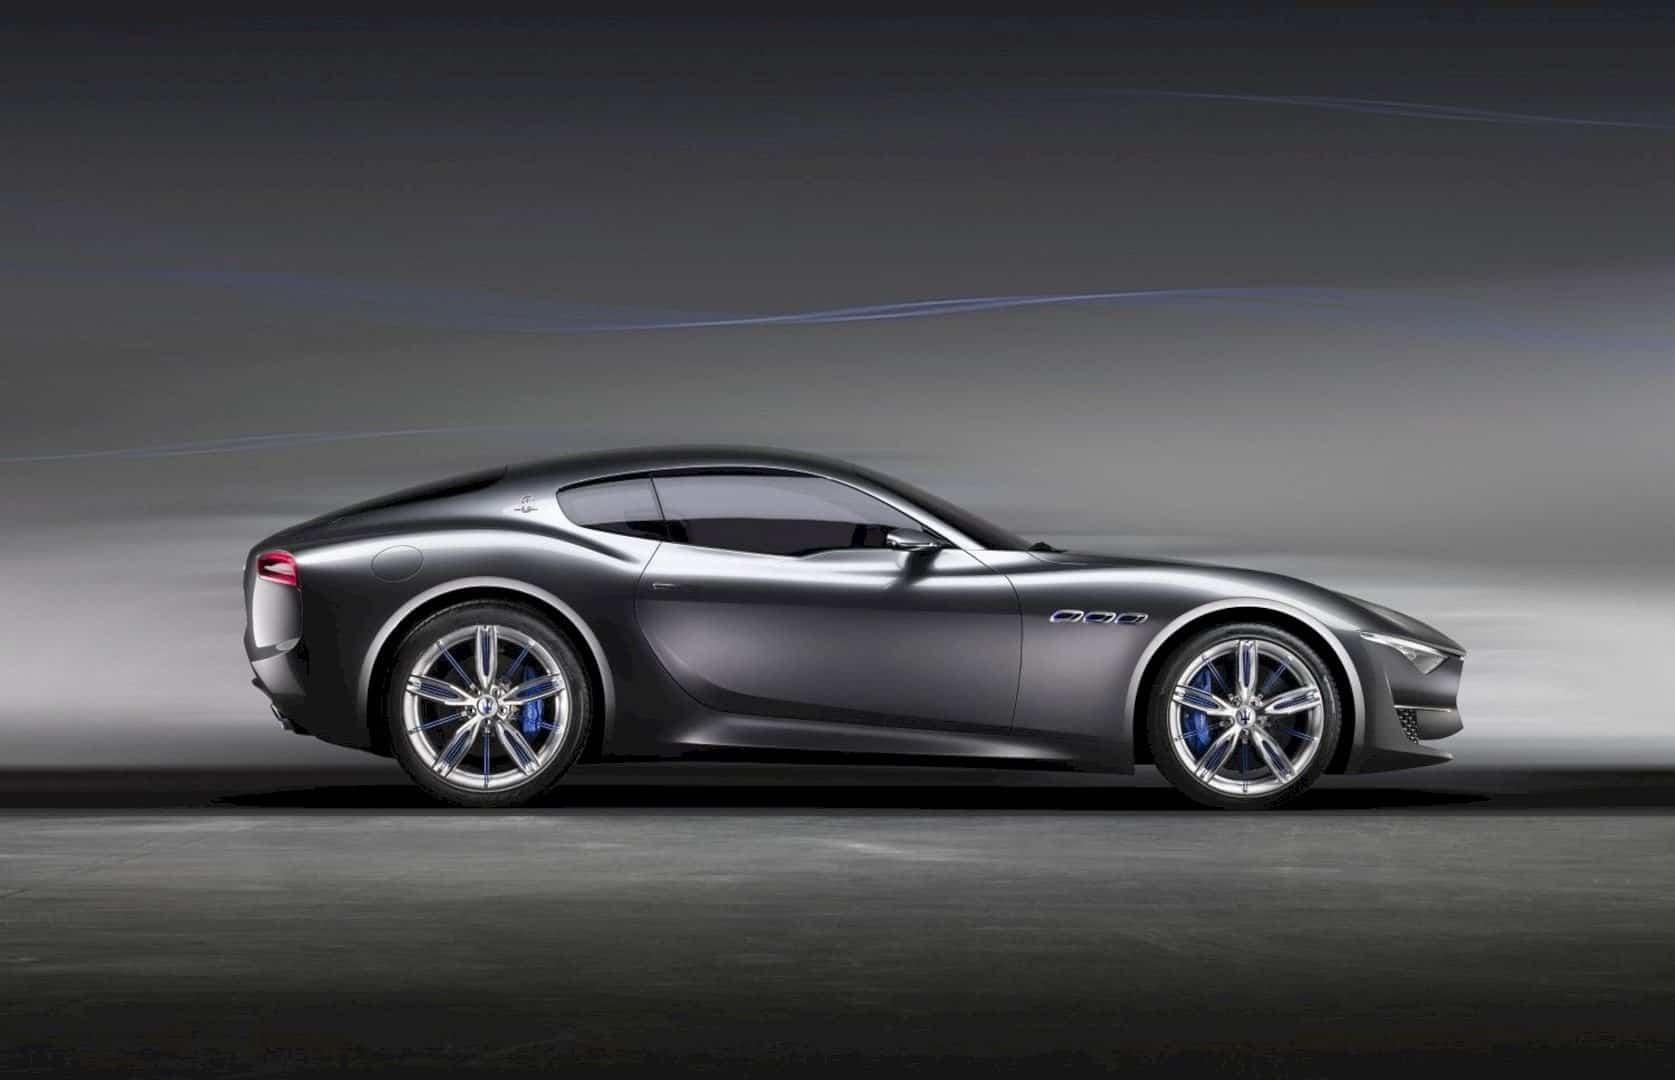 The Maserati Alfieri Concept Car: The Future of Maserati design.